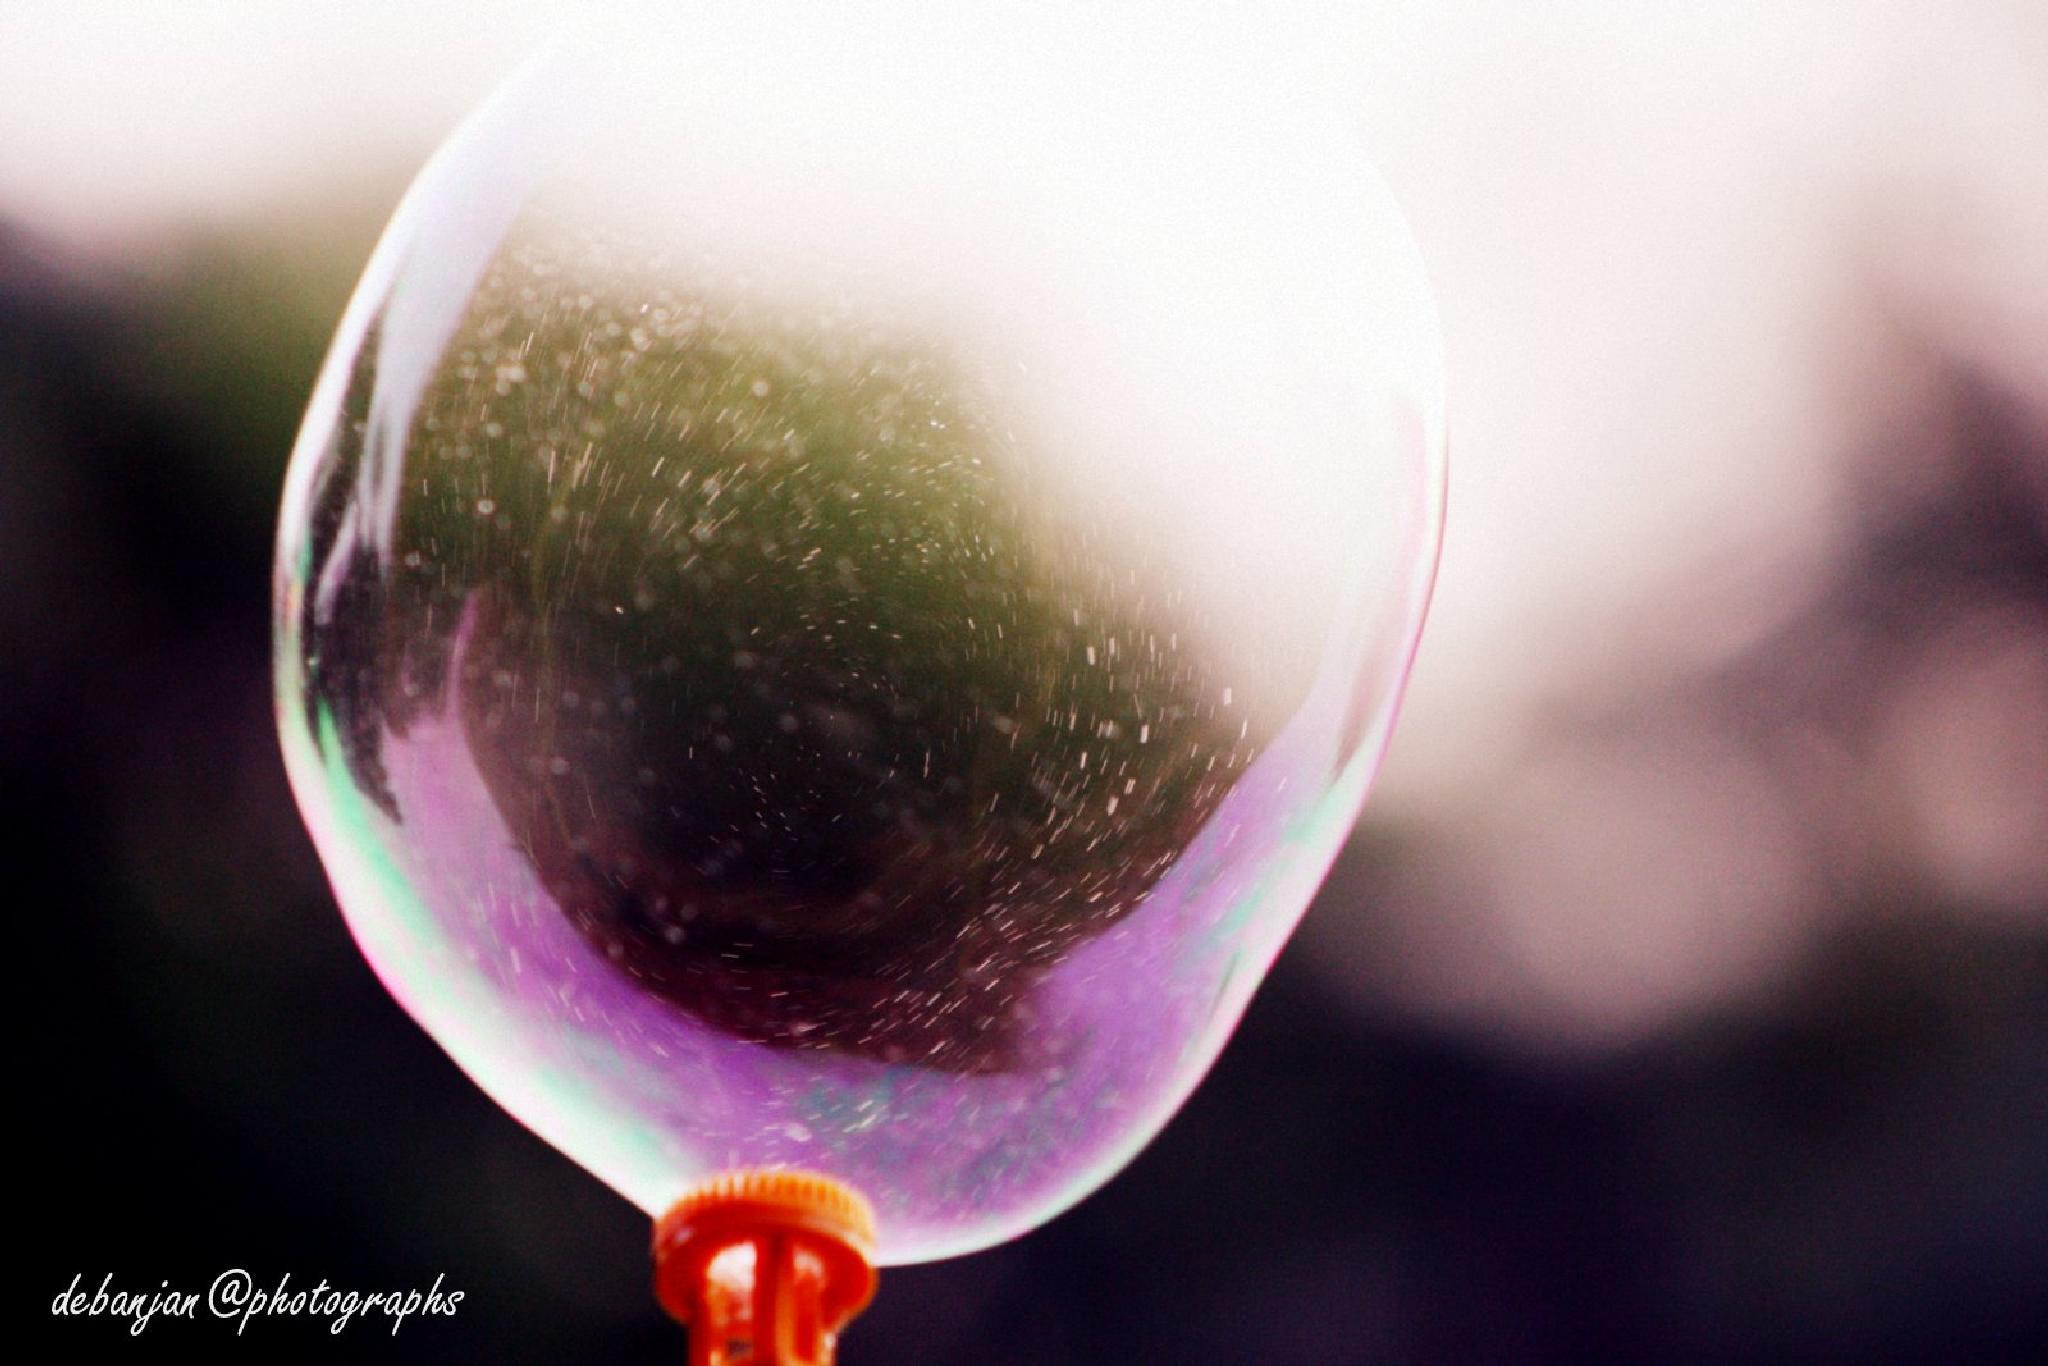 bubble_2 by Debanjan Mondal